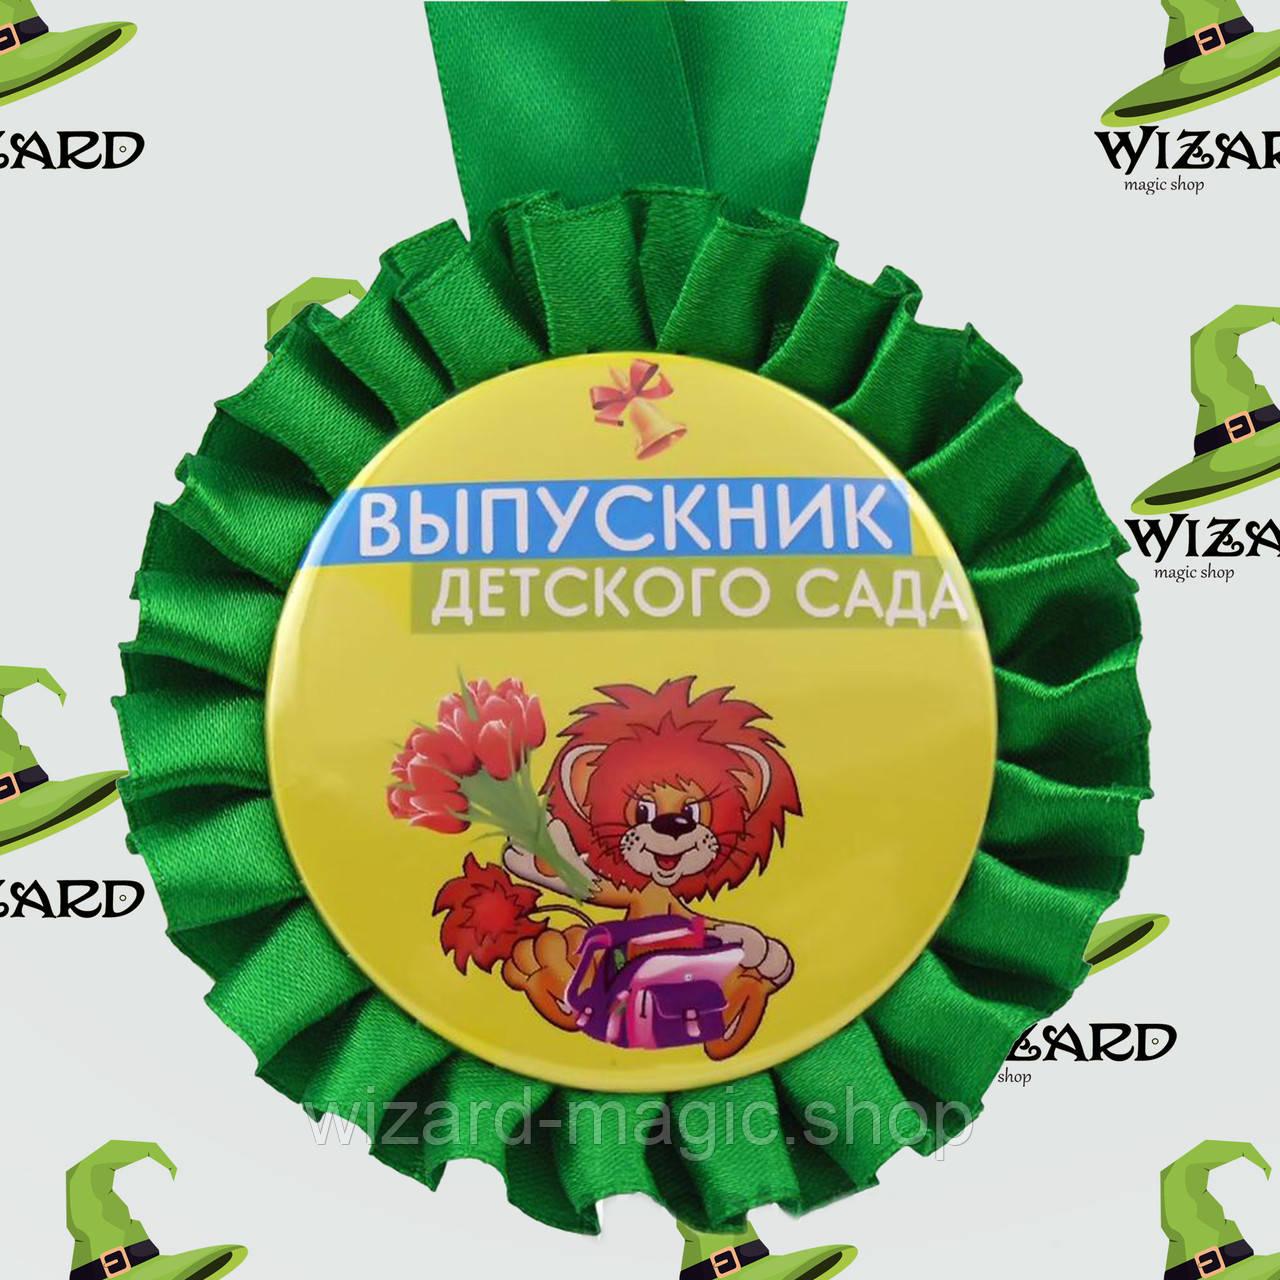 медали выпускник детского сада картинки